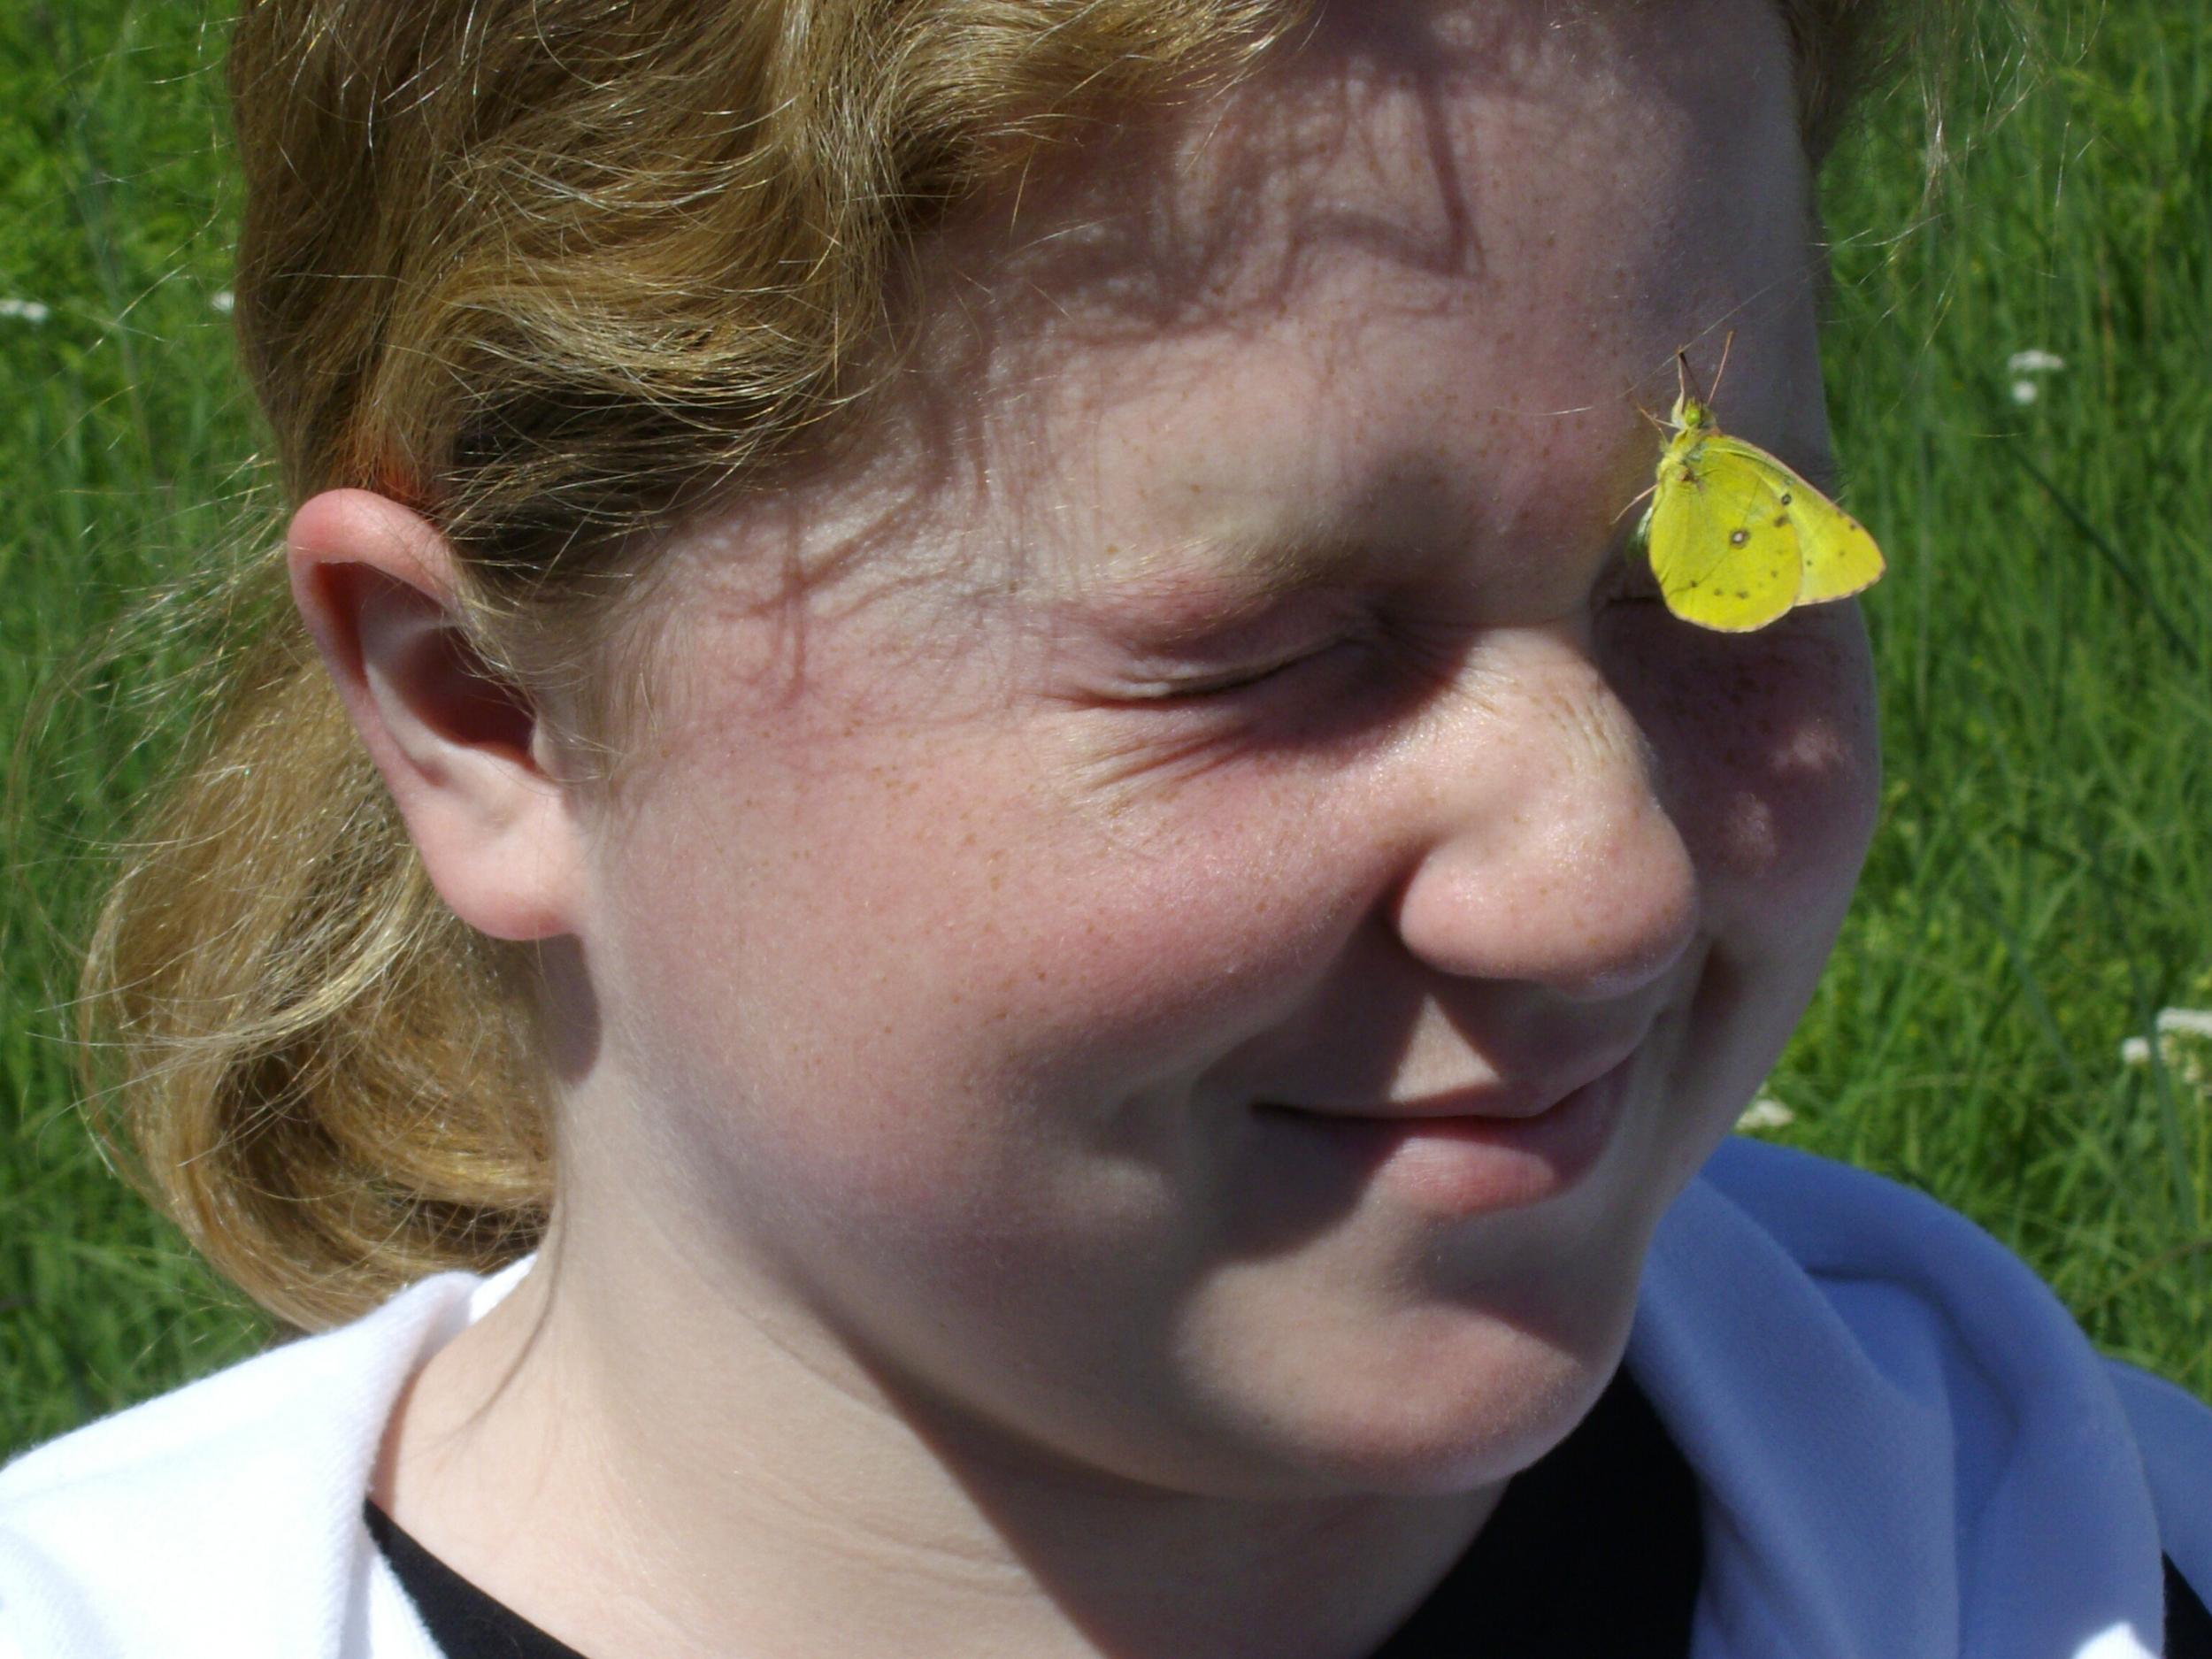 butterfly on face.jpg